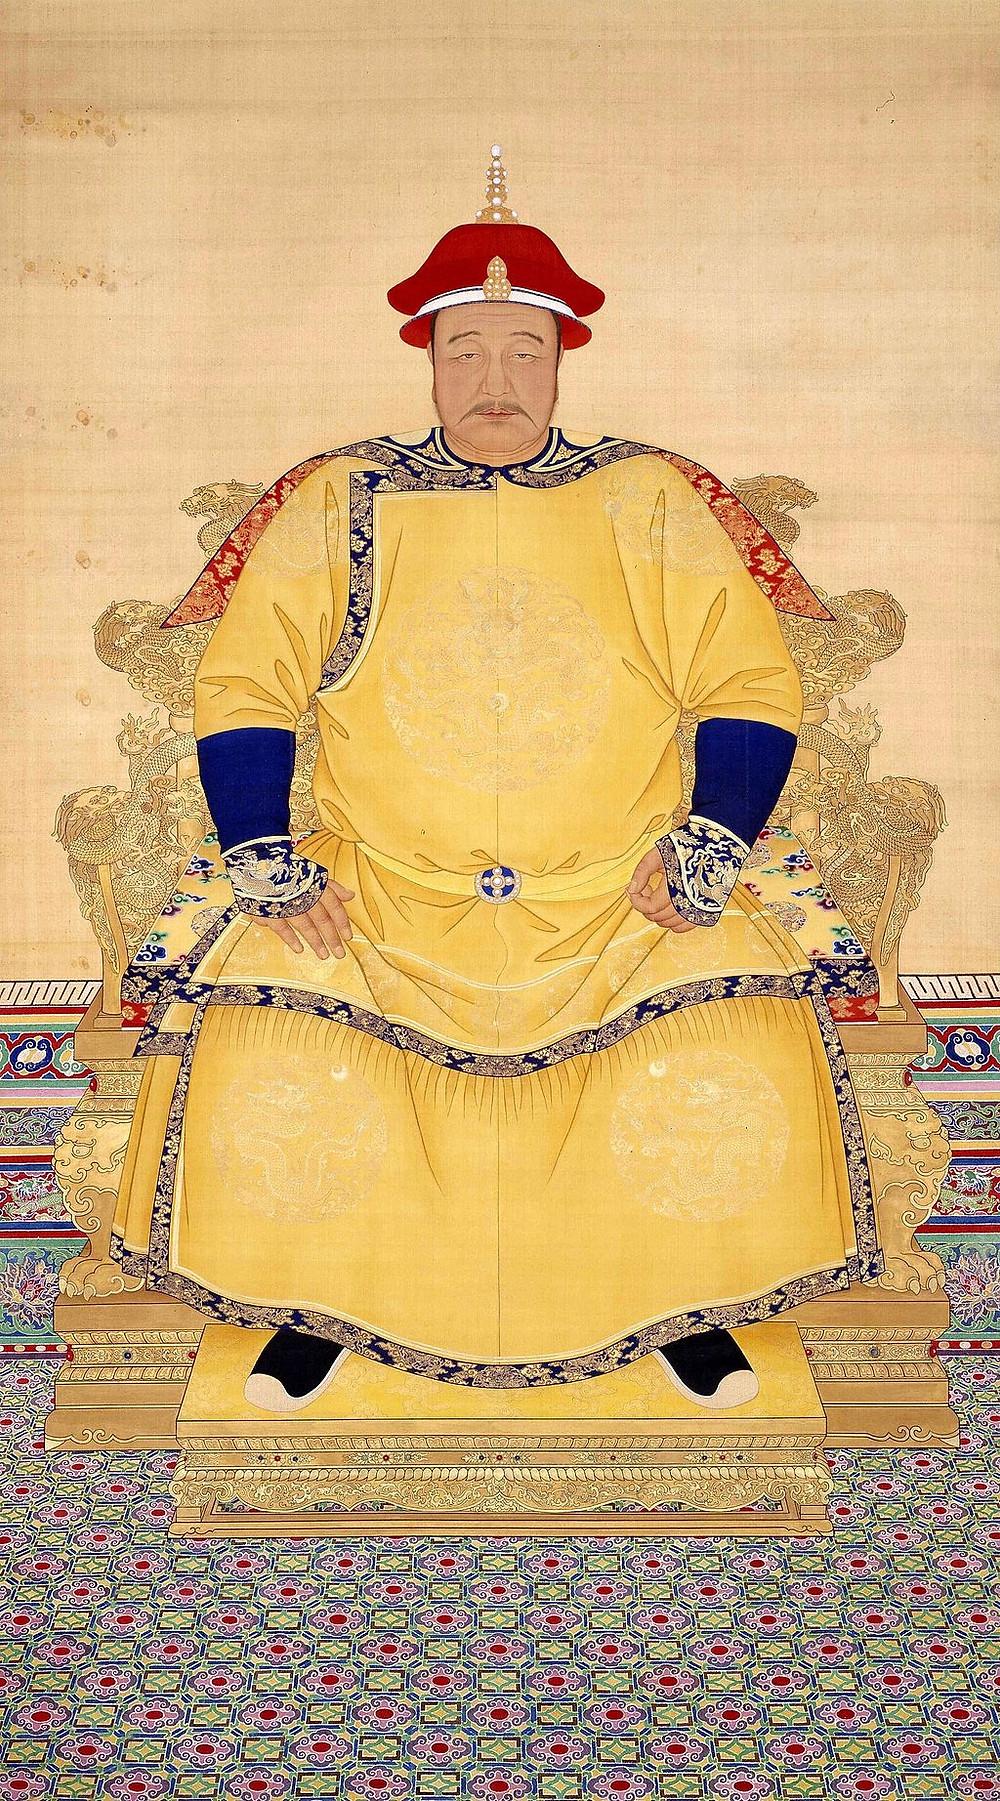 清太宗文皇帝朝服全身像